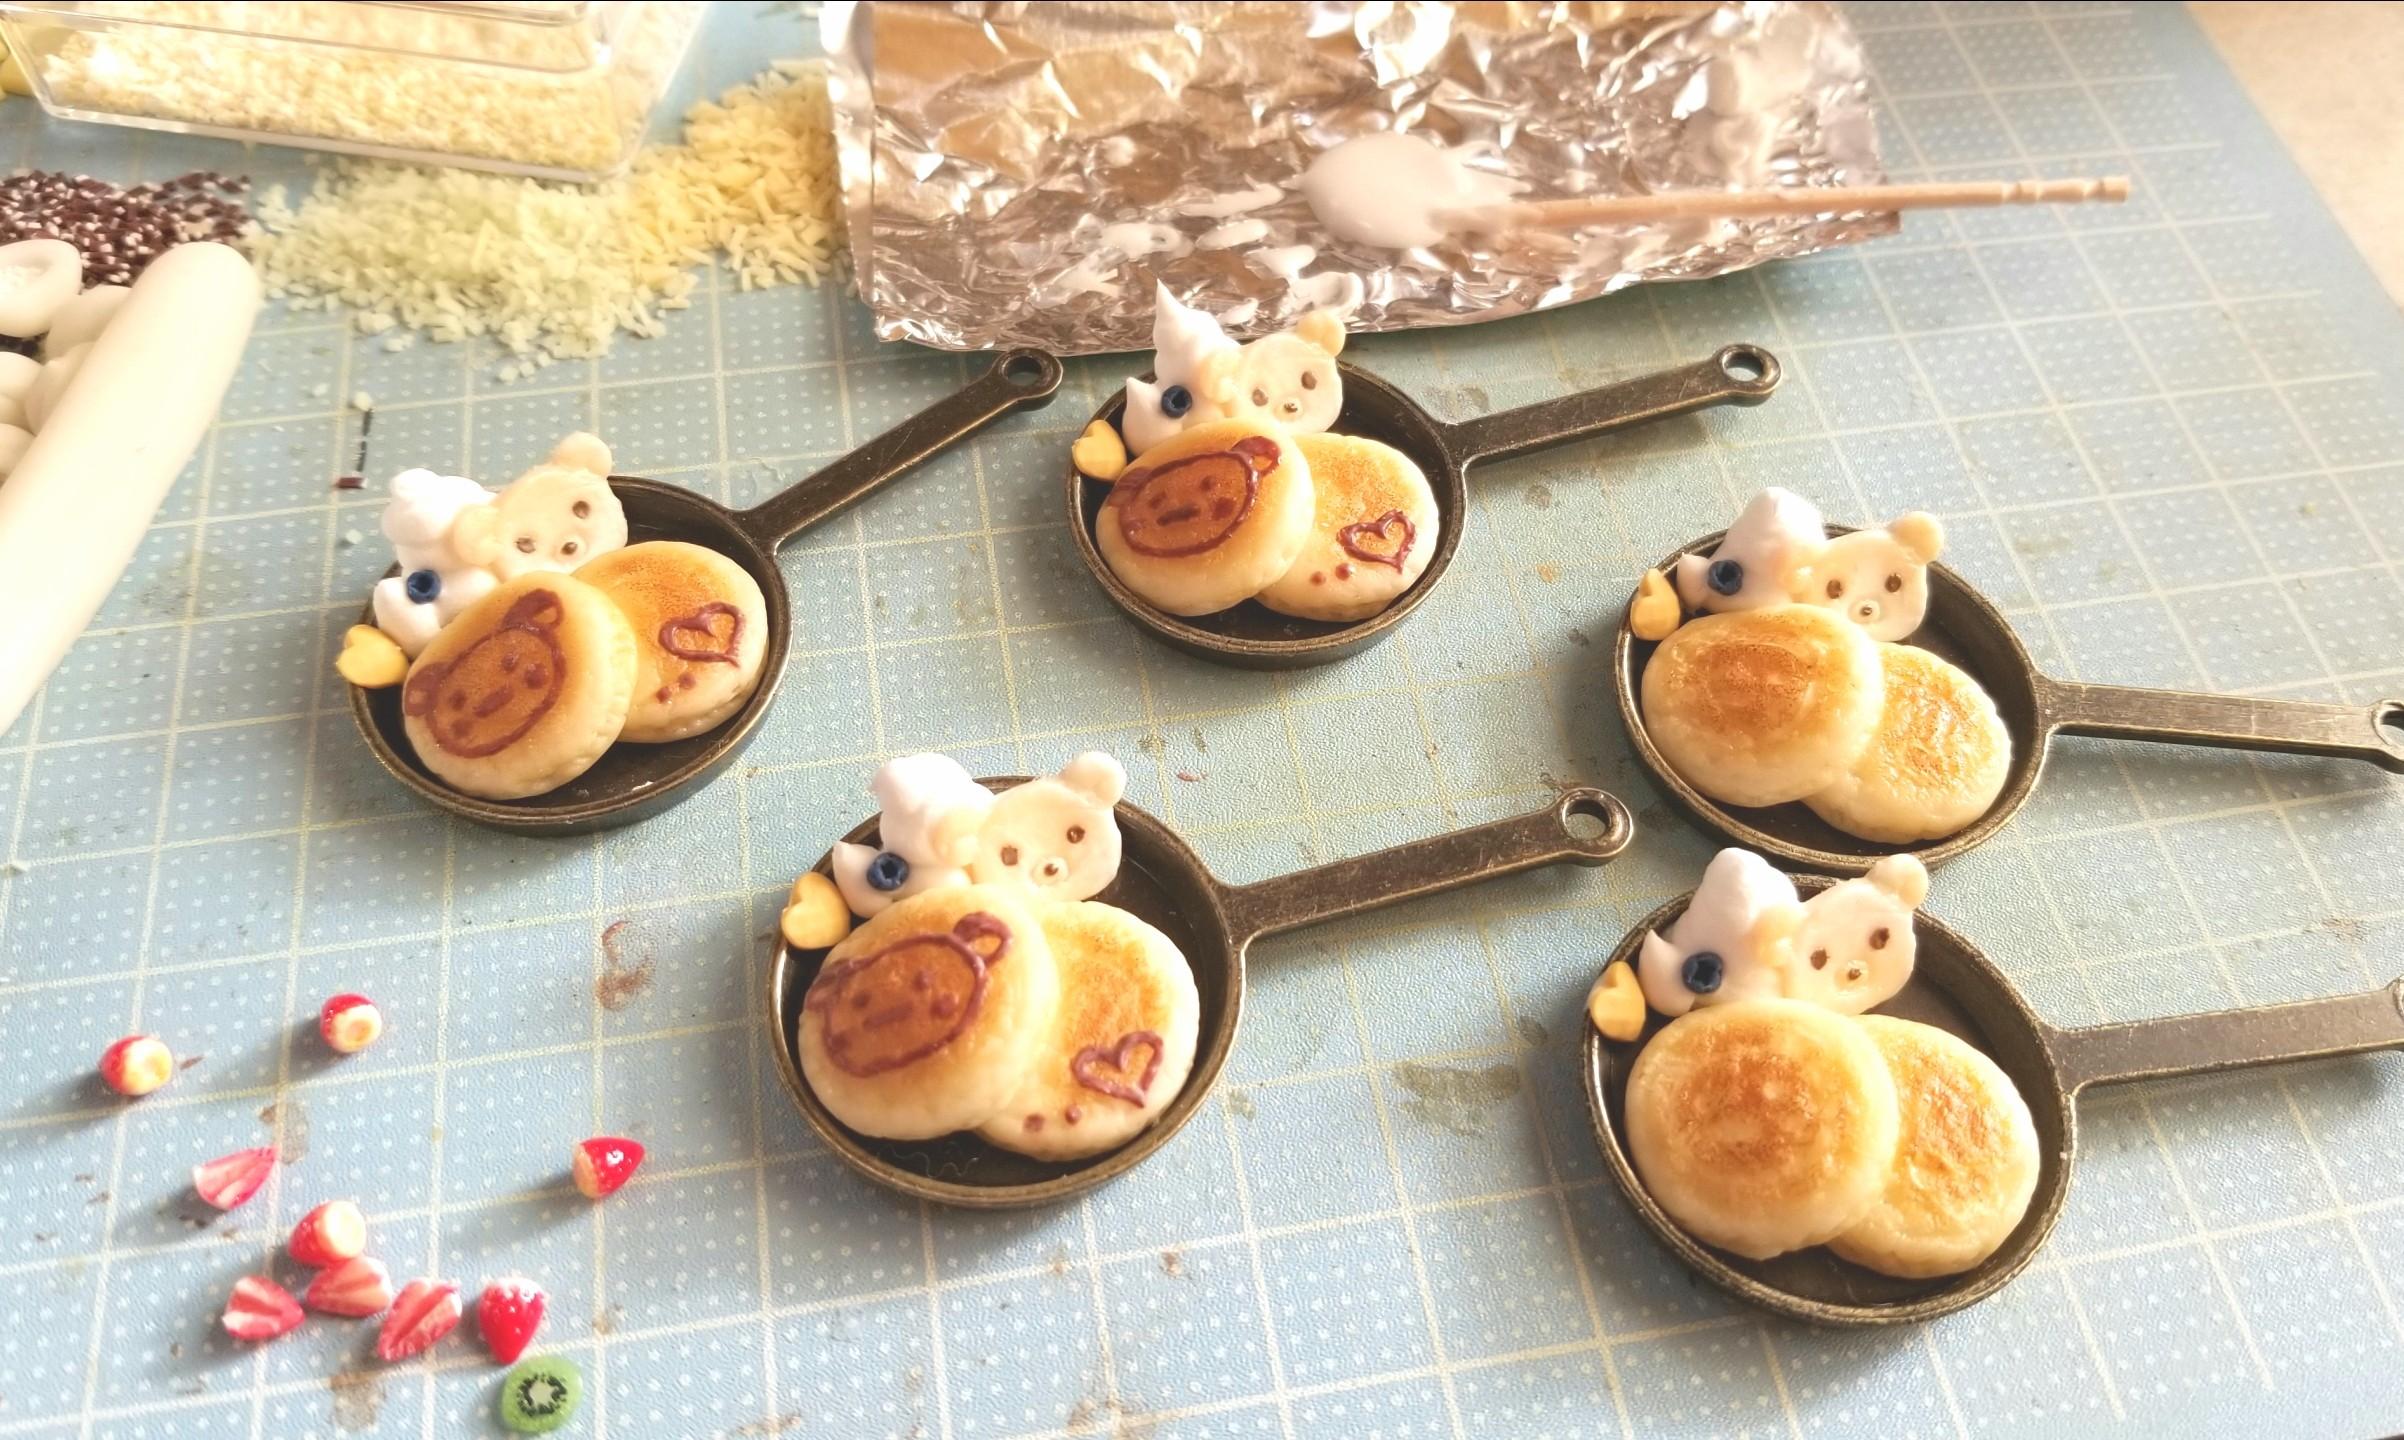 ミニチュアフード,クマちゃんホットケーキの作り方,食品サンプル